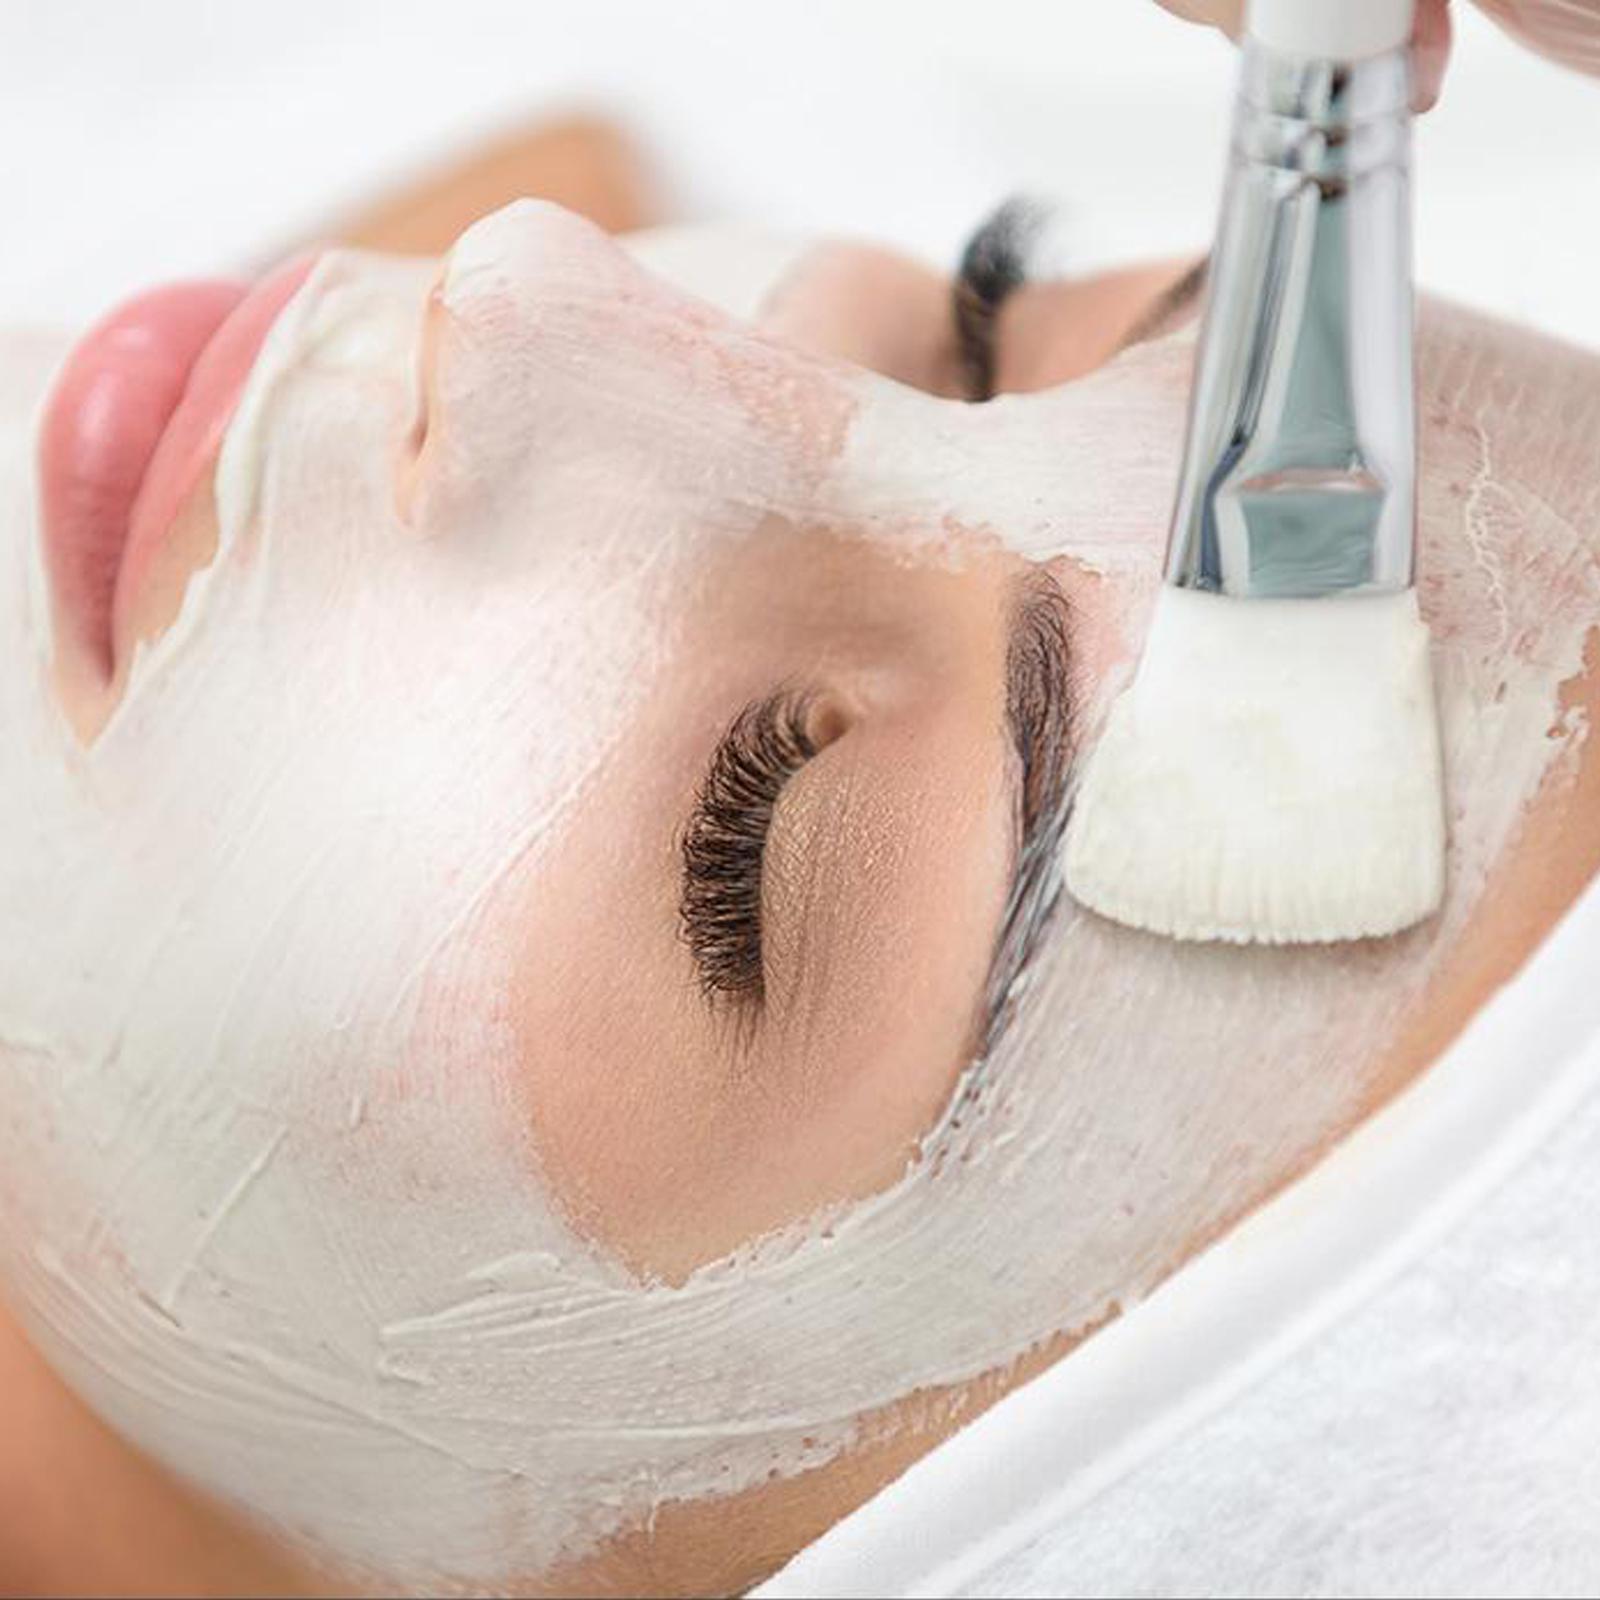 10Pcs Soft Facial Face Mask Mud Mixing Brush Skin Care Beauty Makeup DIY Tool 8